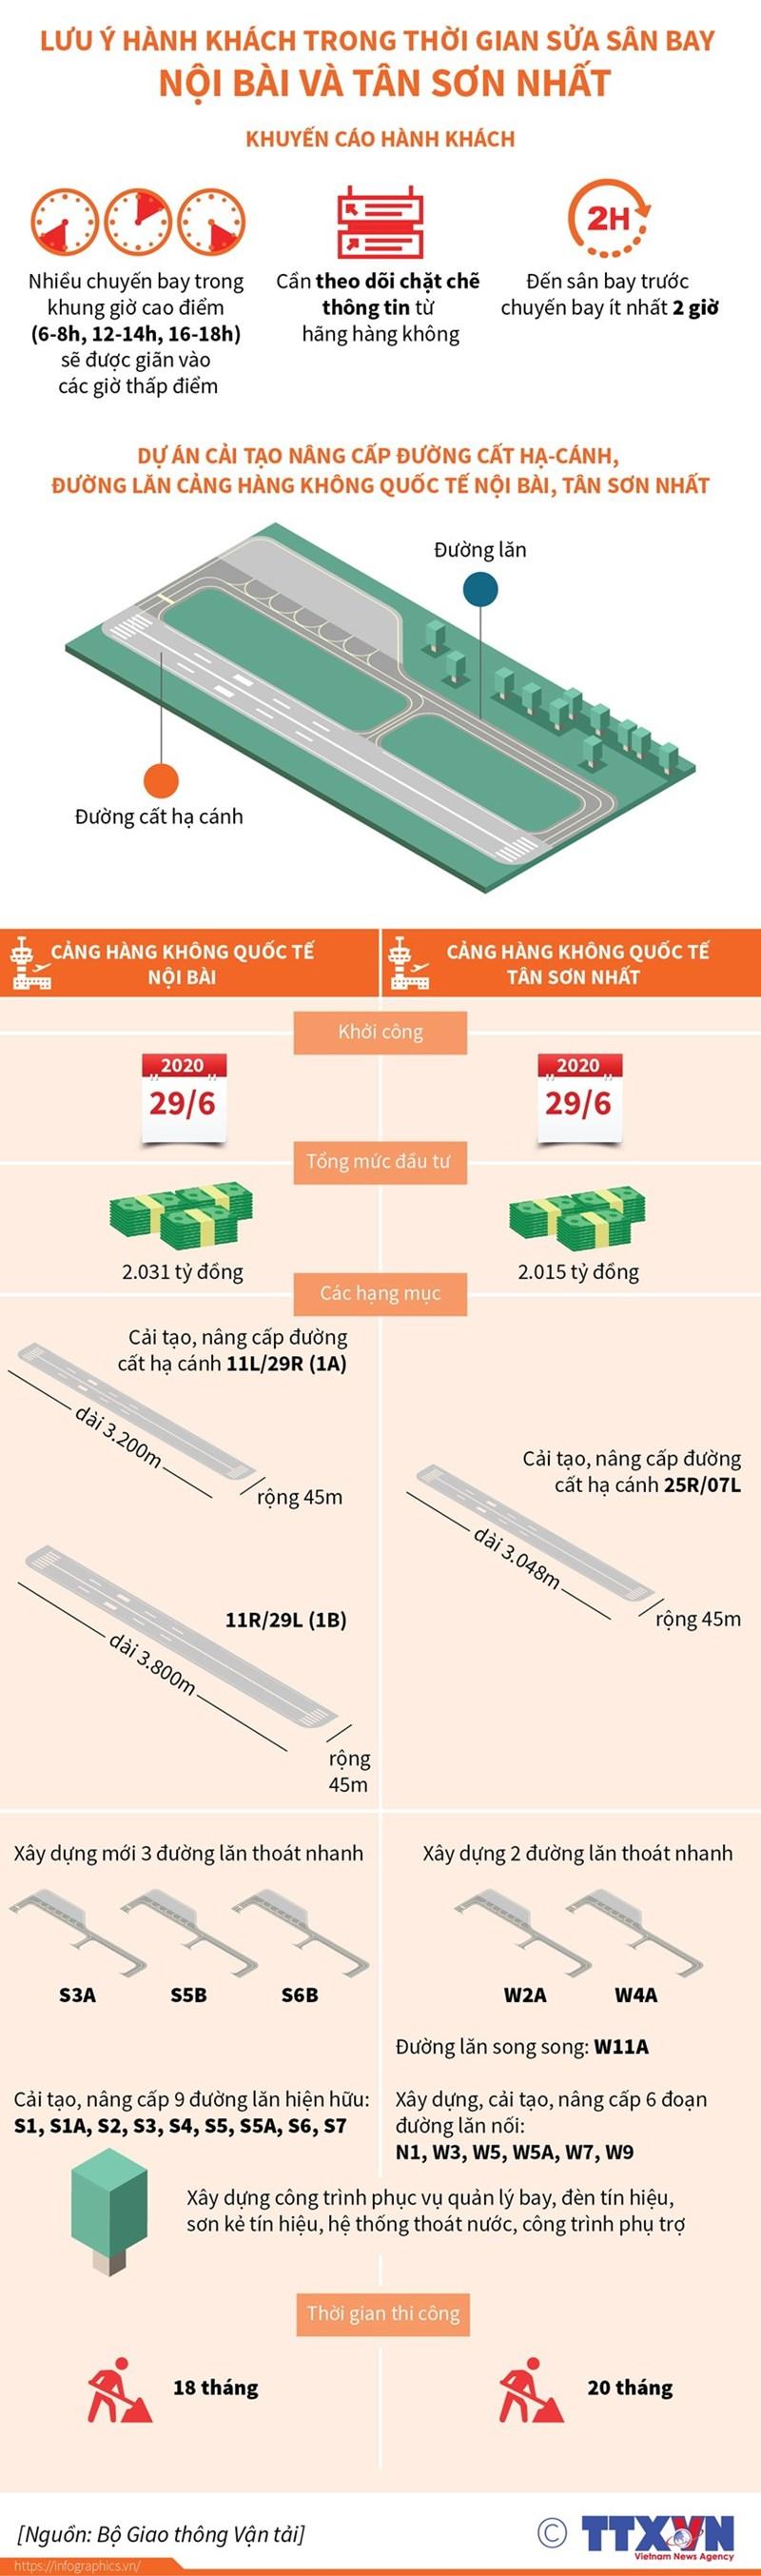 [Infographics] Lưu ý hành khách trong thời gian sửa sân bay Nội Bài và Tân Sơn Nhất - Ảnh 1